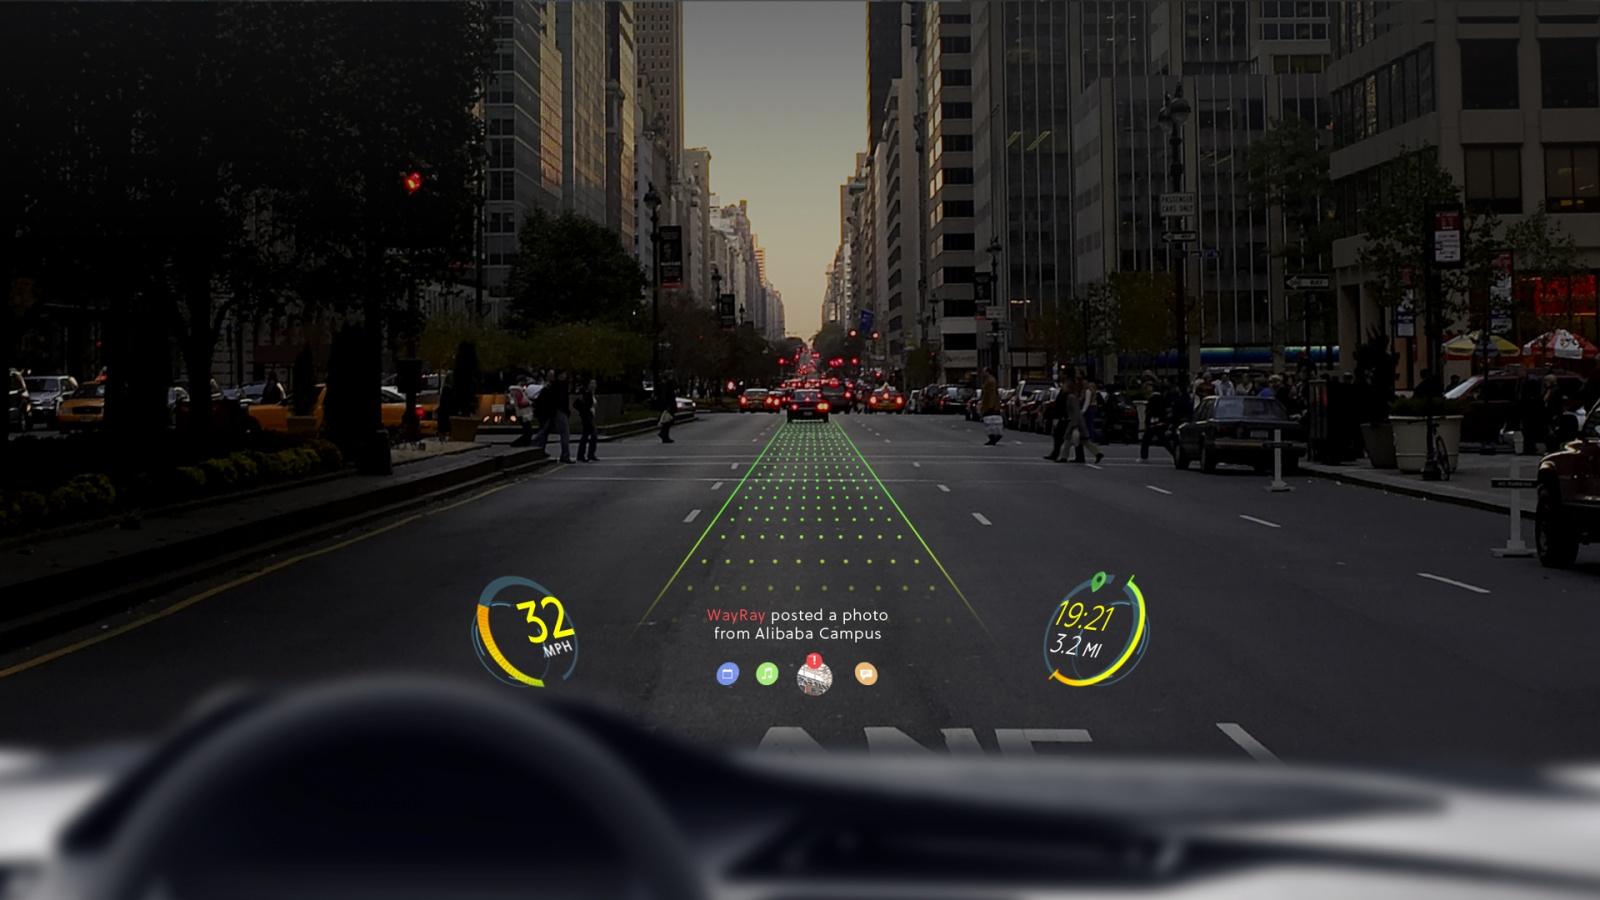 WayRay объявляет о стратегическом партнерстве с Banma Technologies при инвестиционной поддержке Alibaba Group - 1